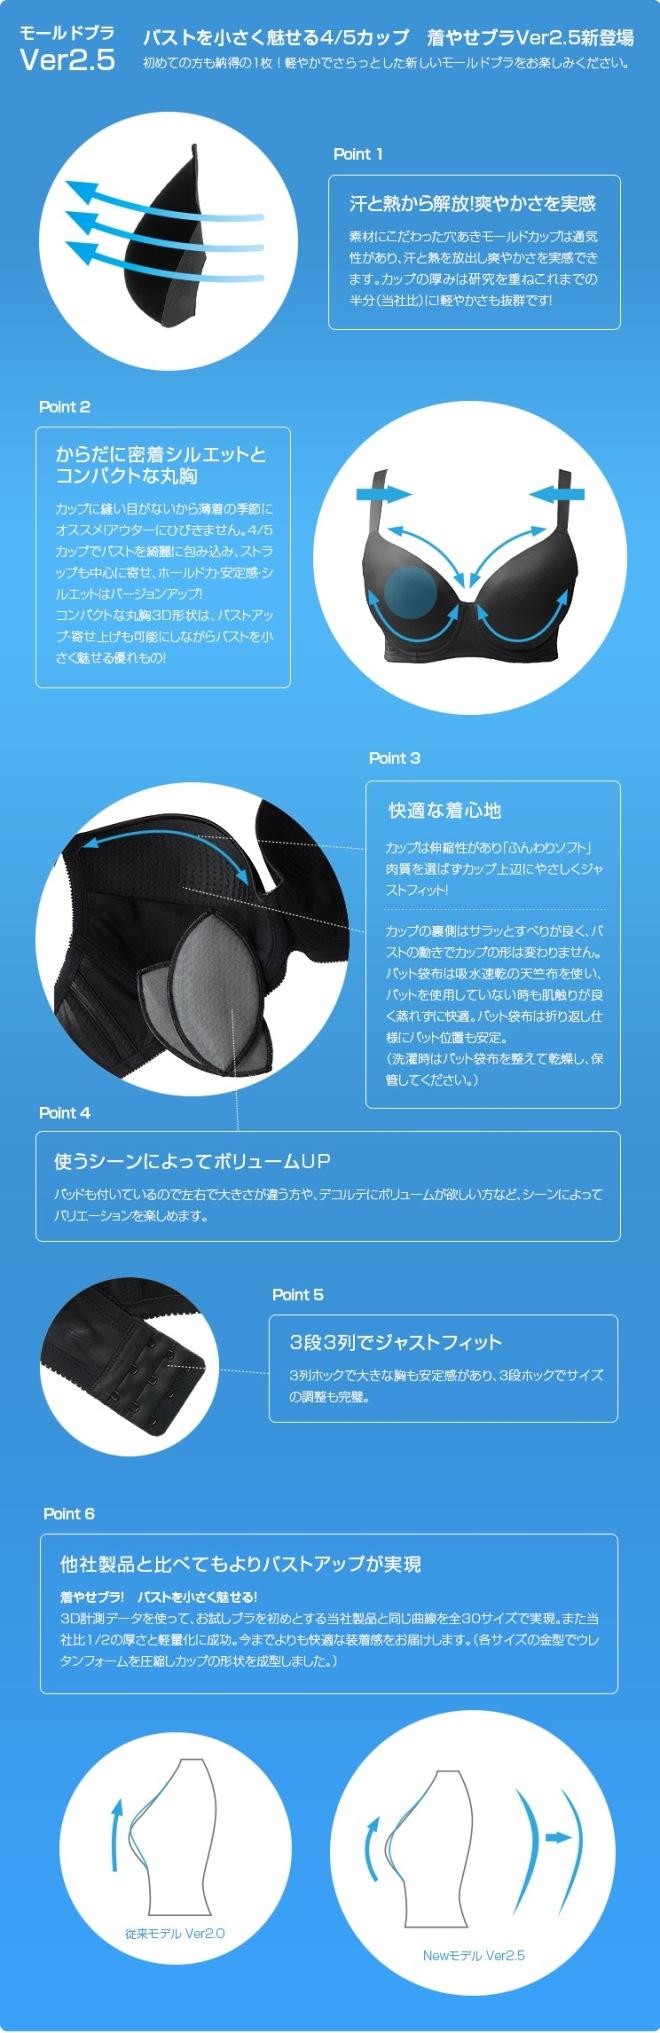 モールドブラVer2.5 商品の特徴説明 mold-brassiere